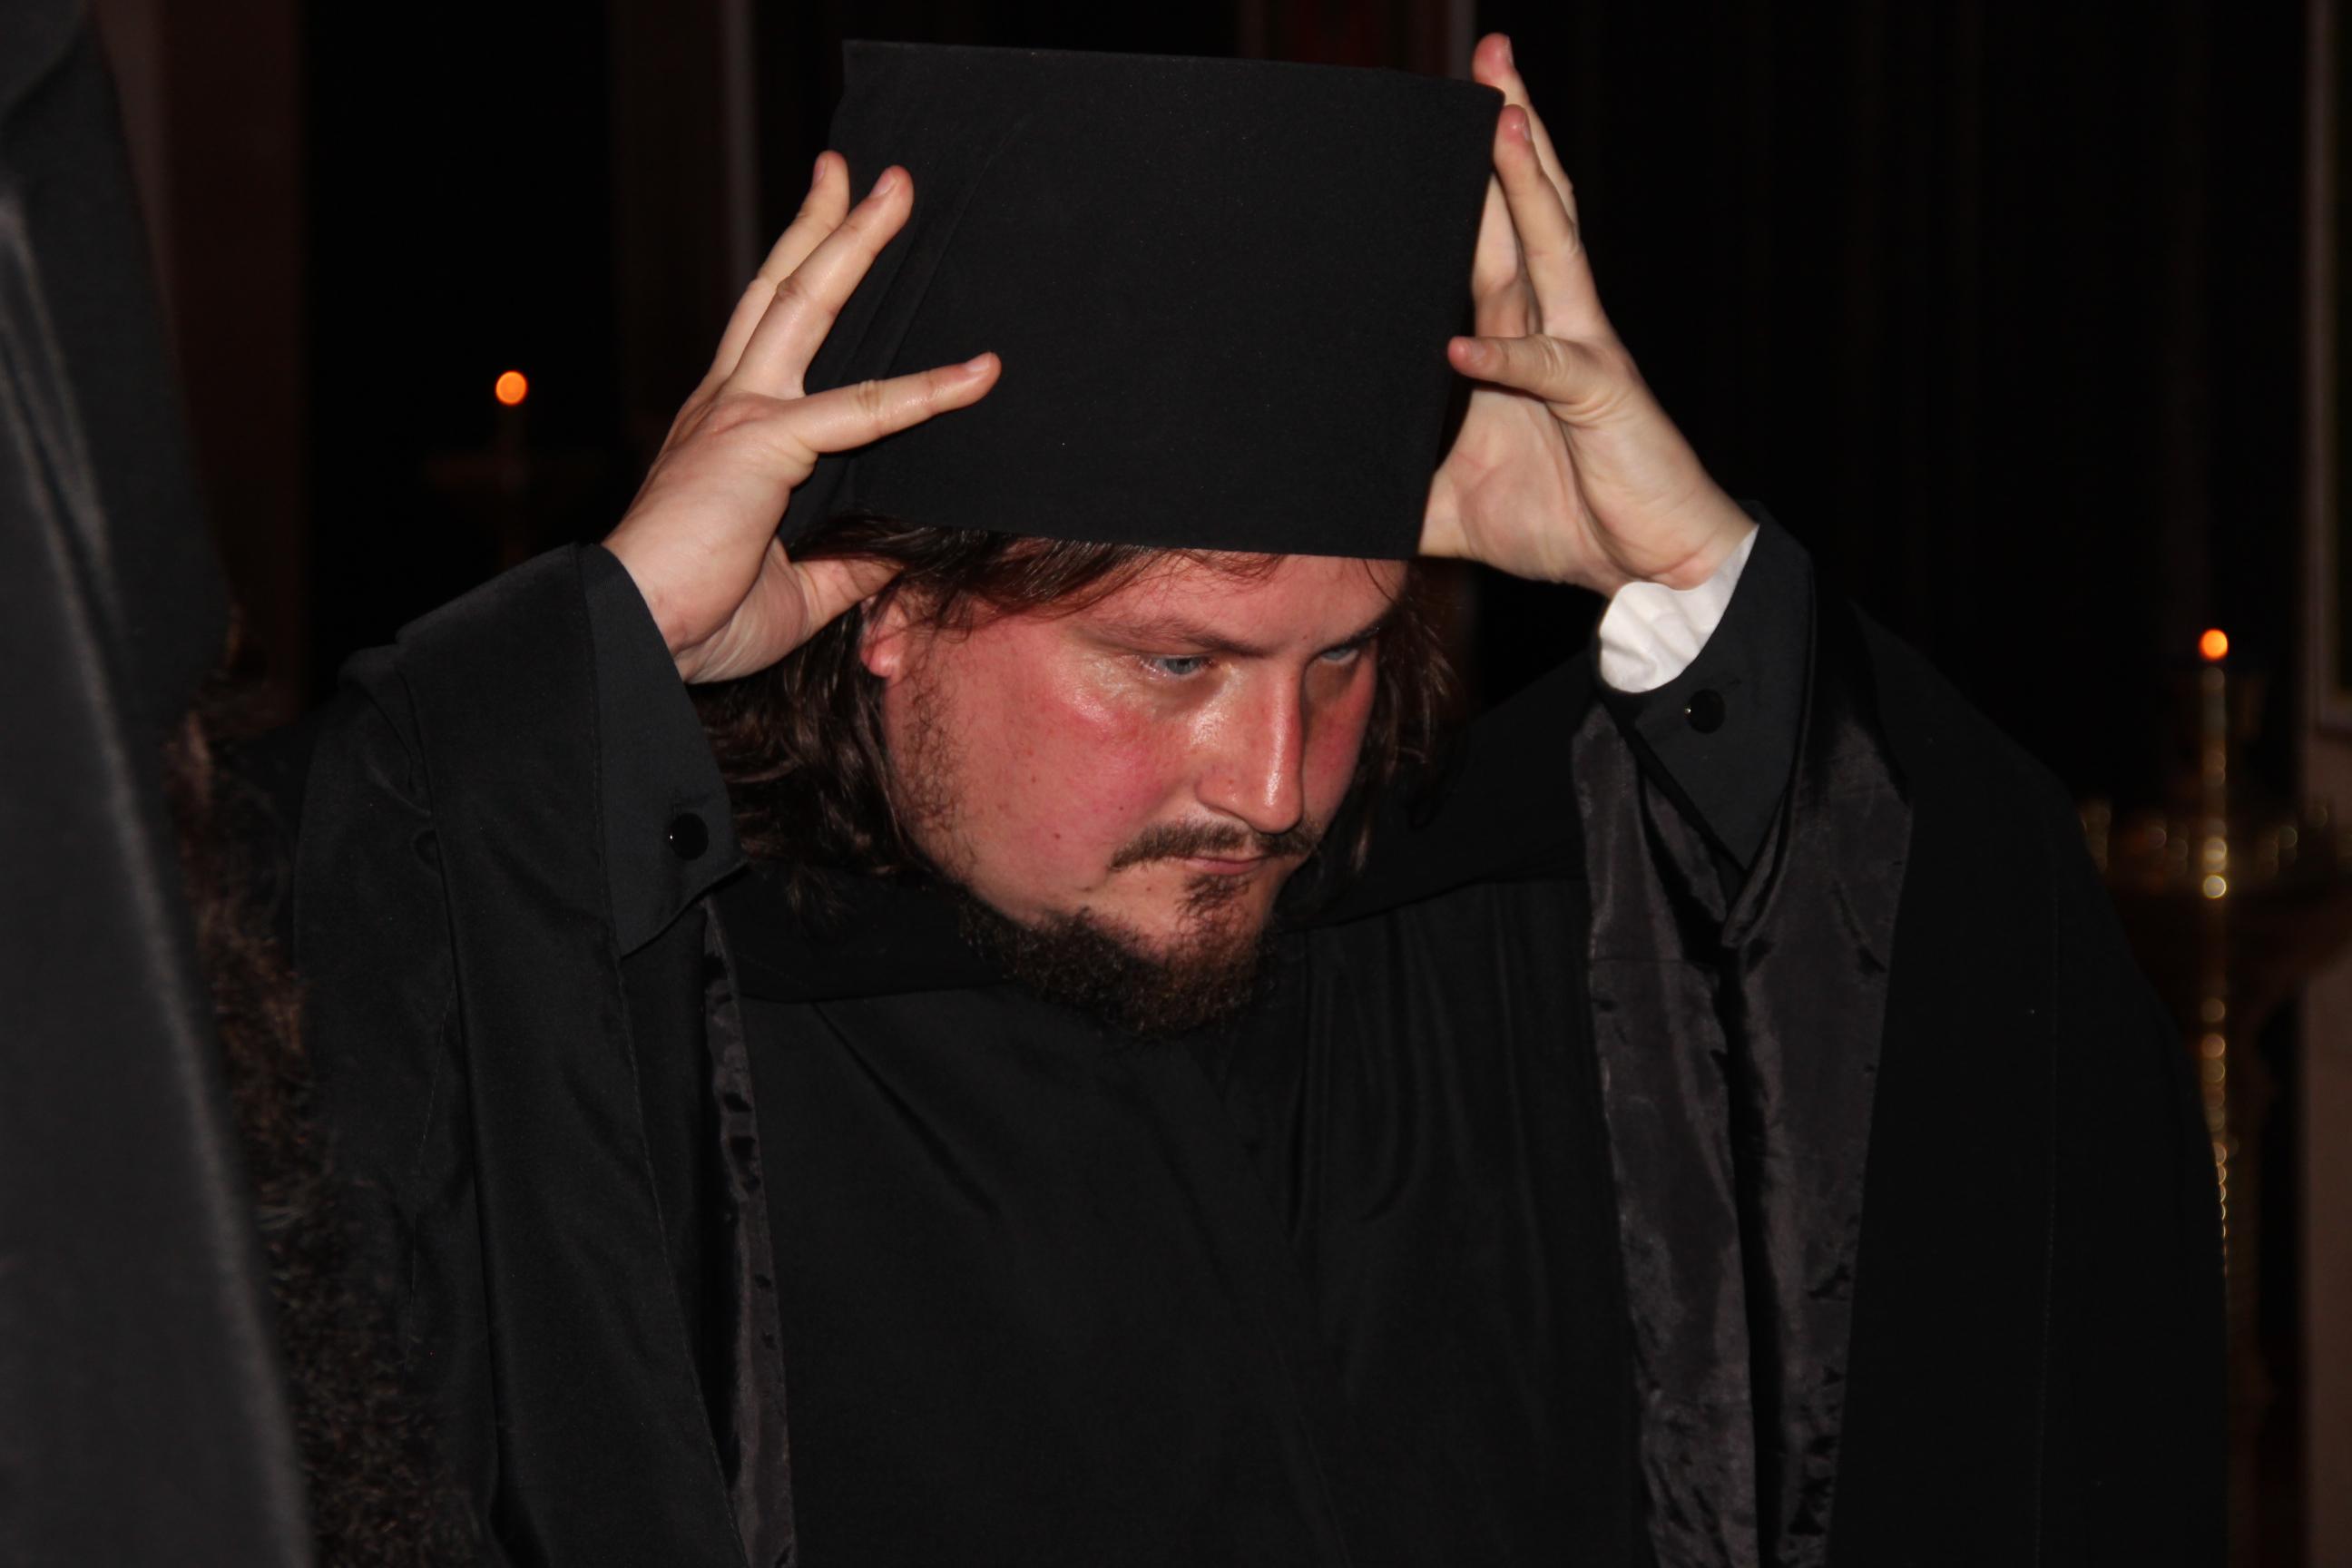 поздравление монаху с постригом скажите, кого нибудь